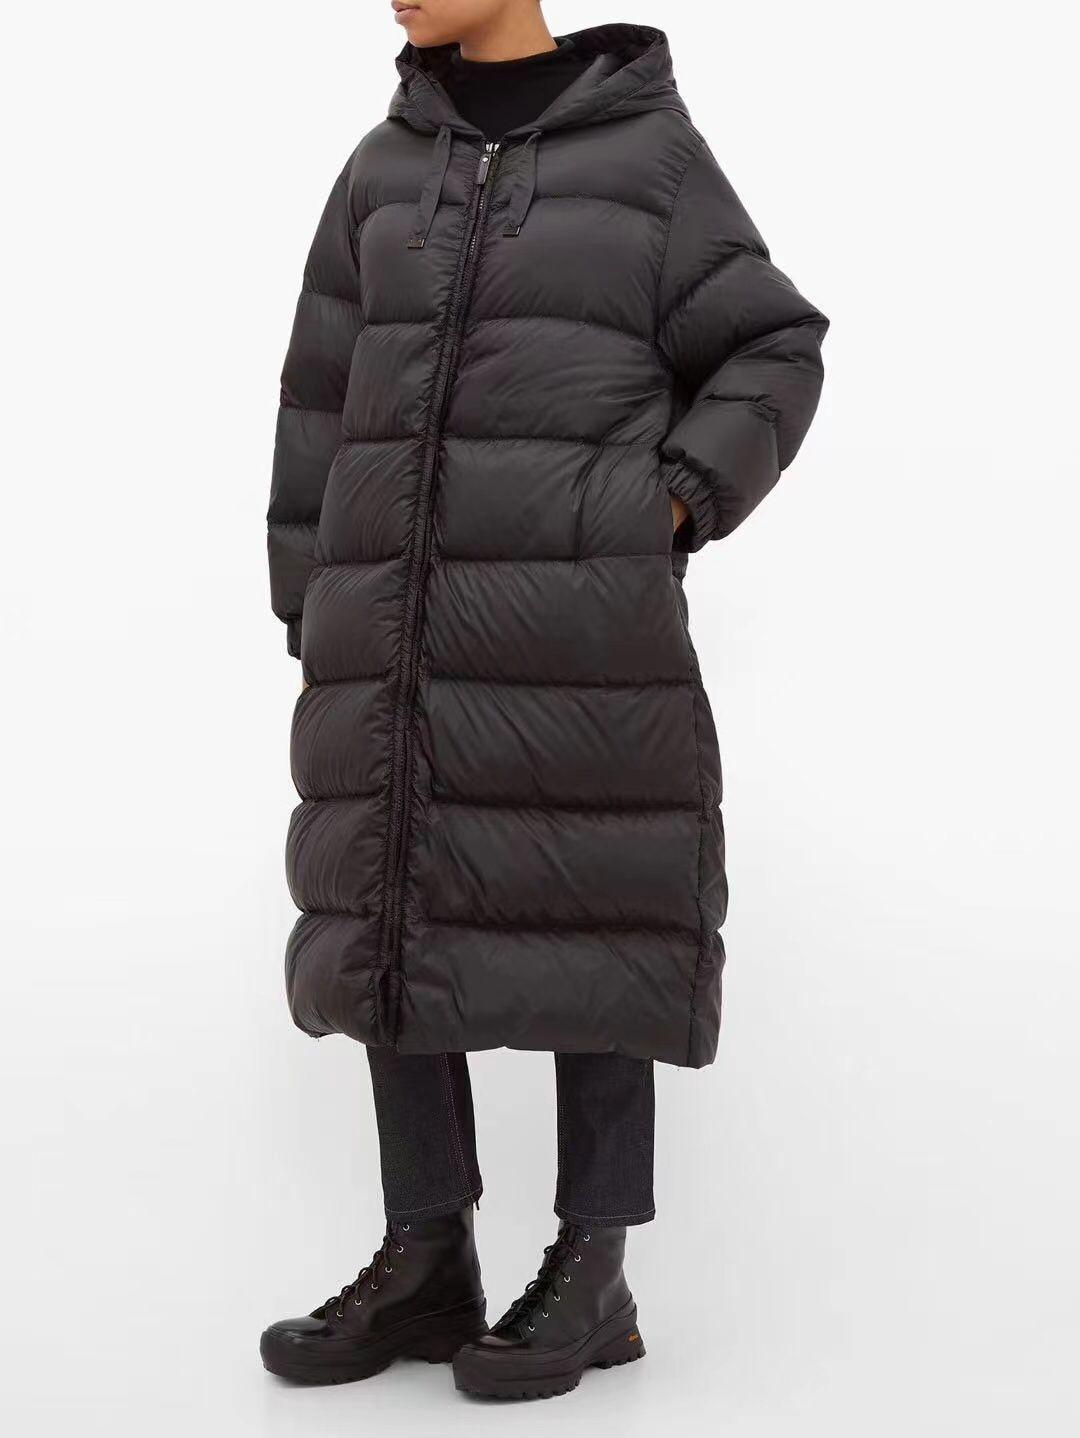 معطف نسائي جديد موضة شتاء 2021 ، سترة بقلنسوة وأكمام طويلة بسحاب ، سترة طويلة ، ياقة قابلة للفصل من الصوف